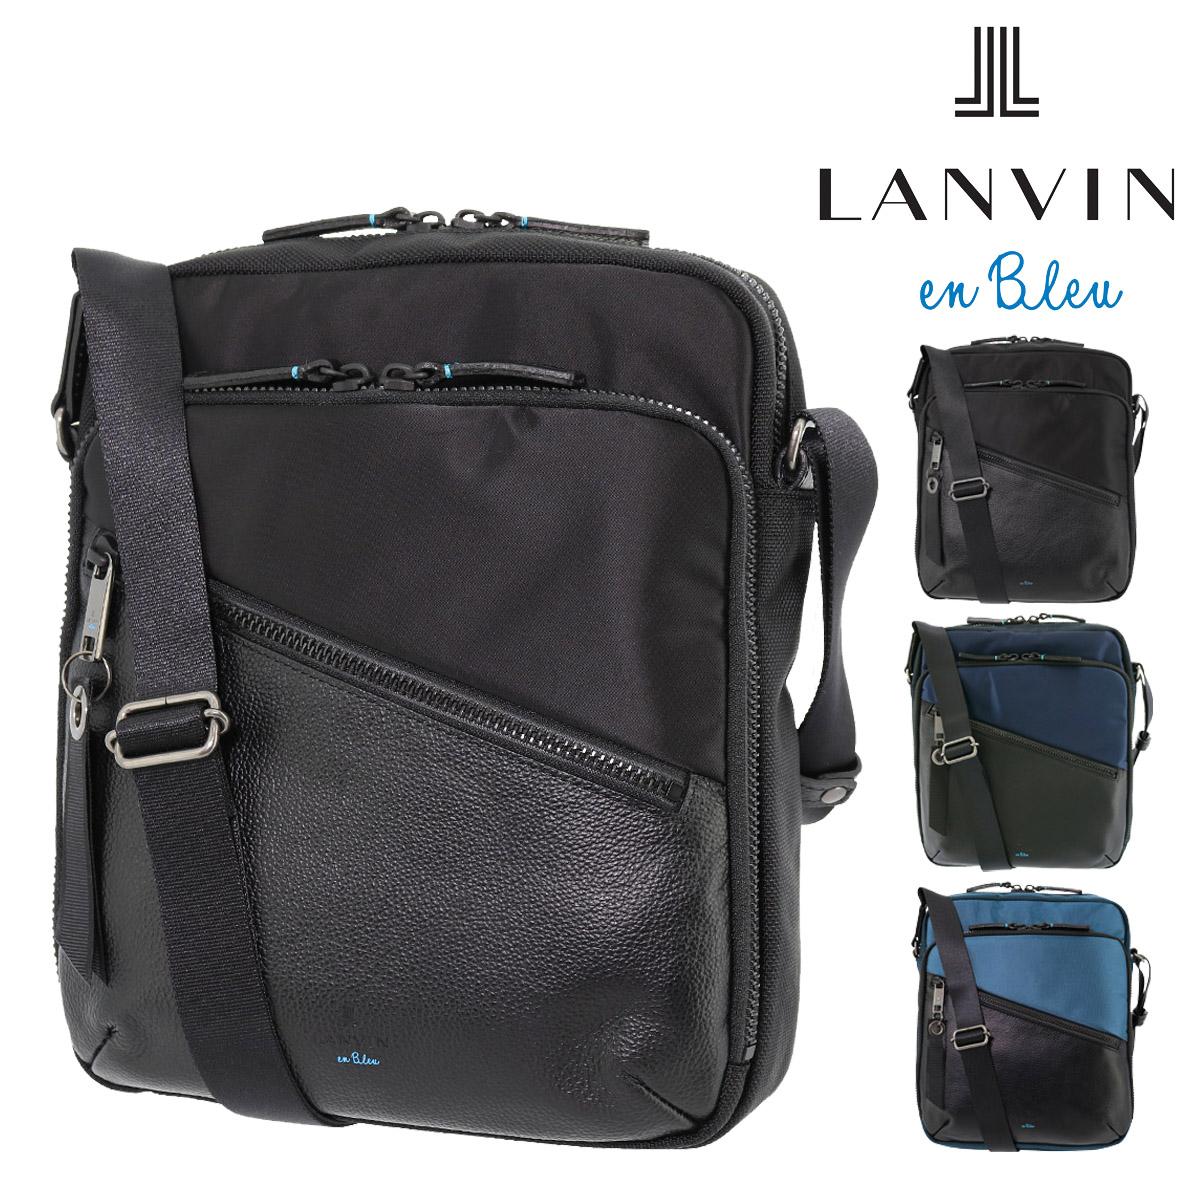 ランバンオンブルー ショルダーバッグ フェリックス メンズ 564122 日本製 LANVIN en Bleu | 軽量 コンパクト ナイロン 牛革 本革 レザー[bef]